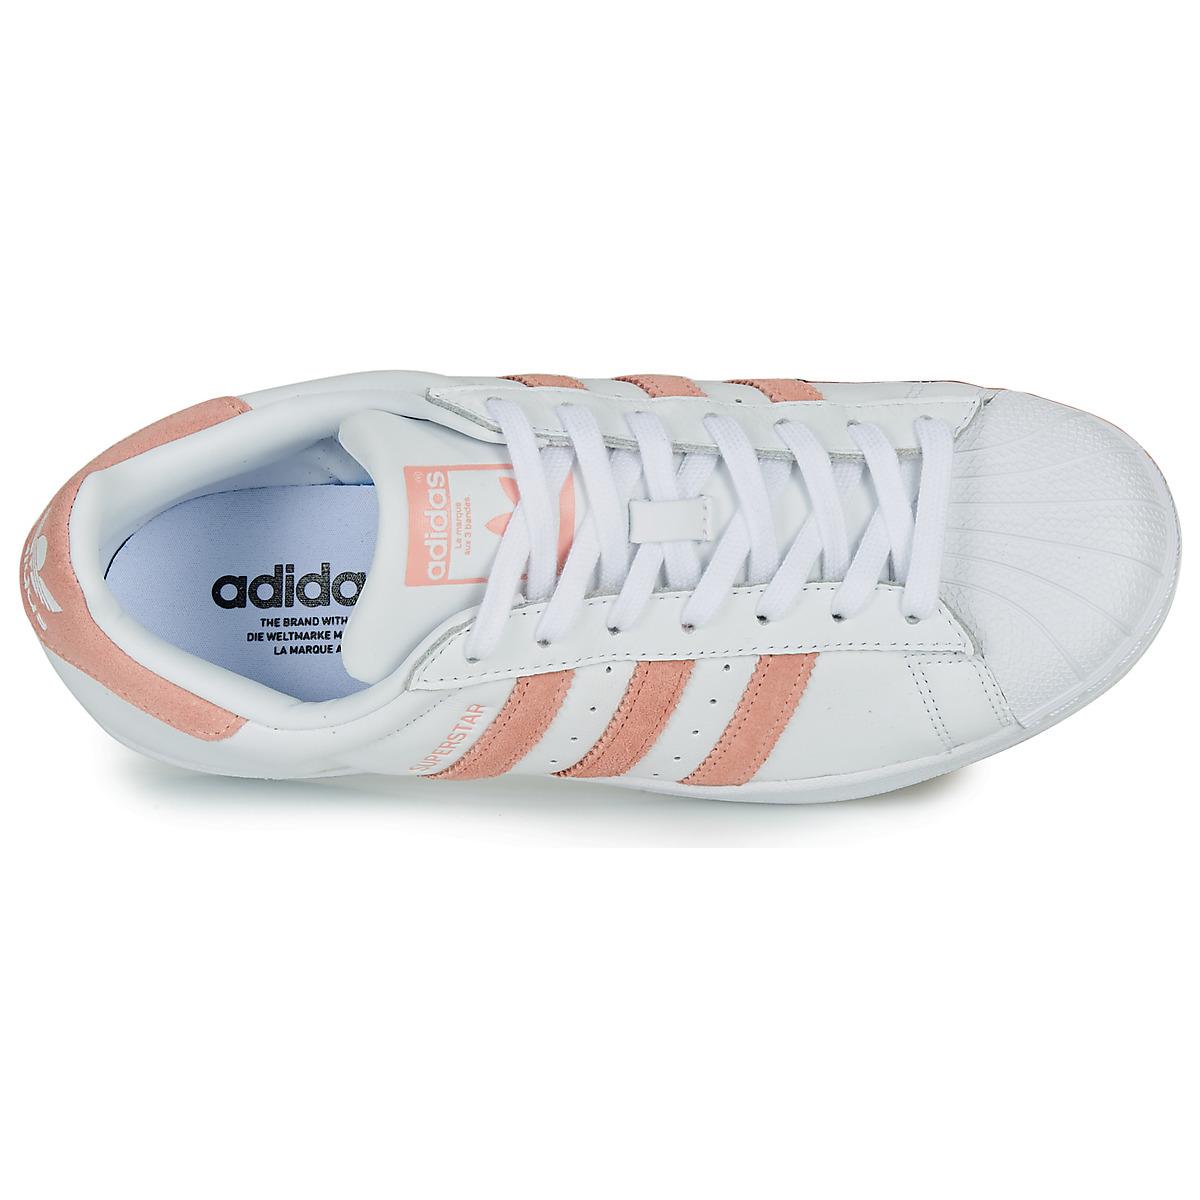 adidas donna scarpe superstar w